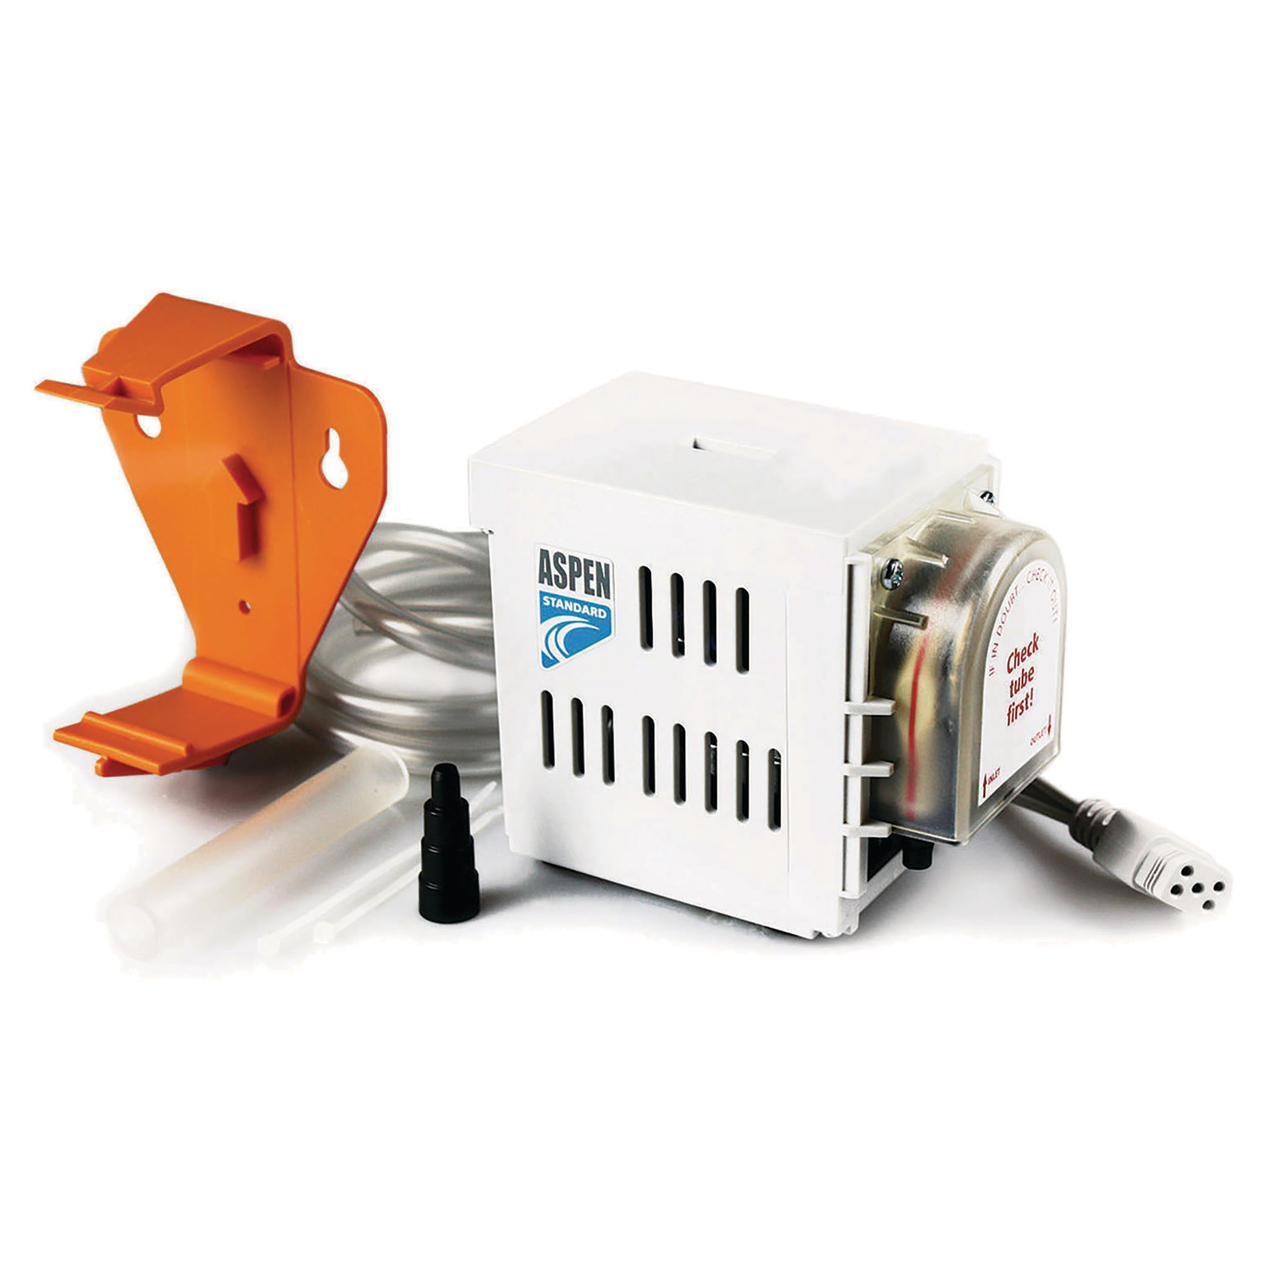 Aspen Universal Peristaltic Pump w/o reservoir 230v